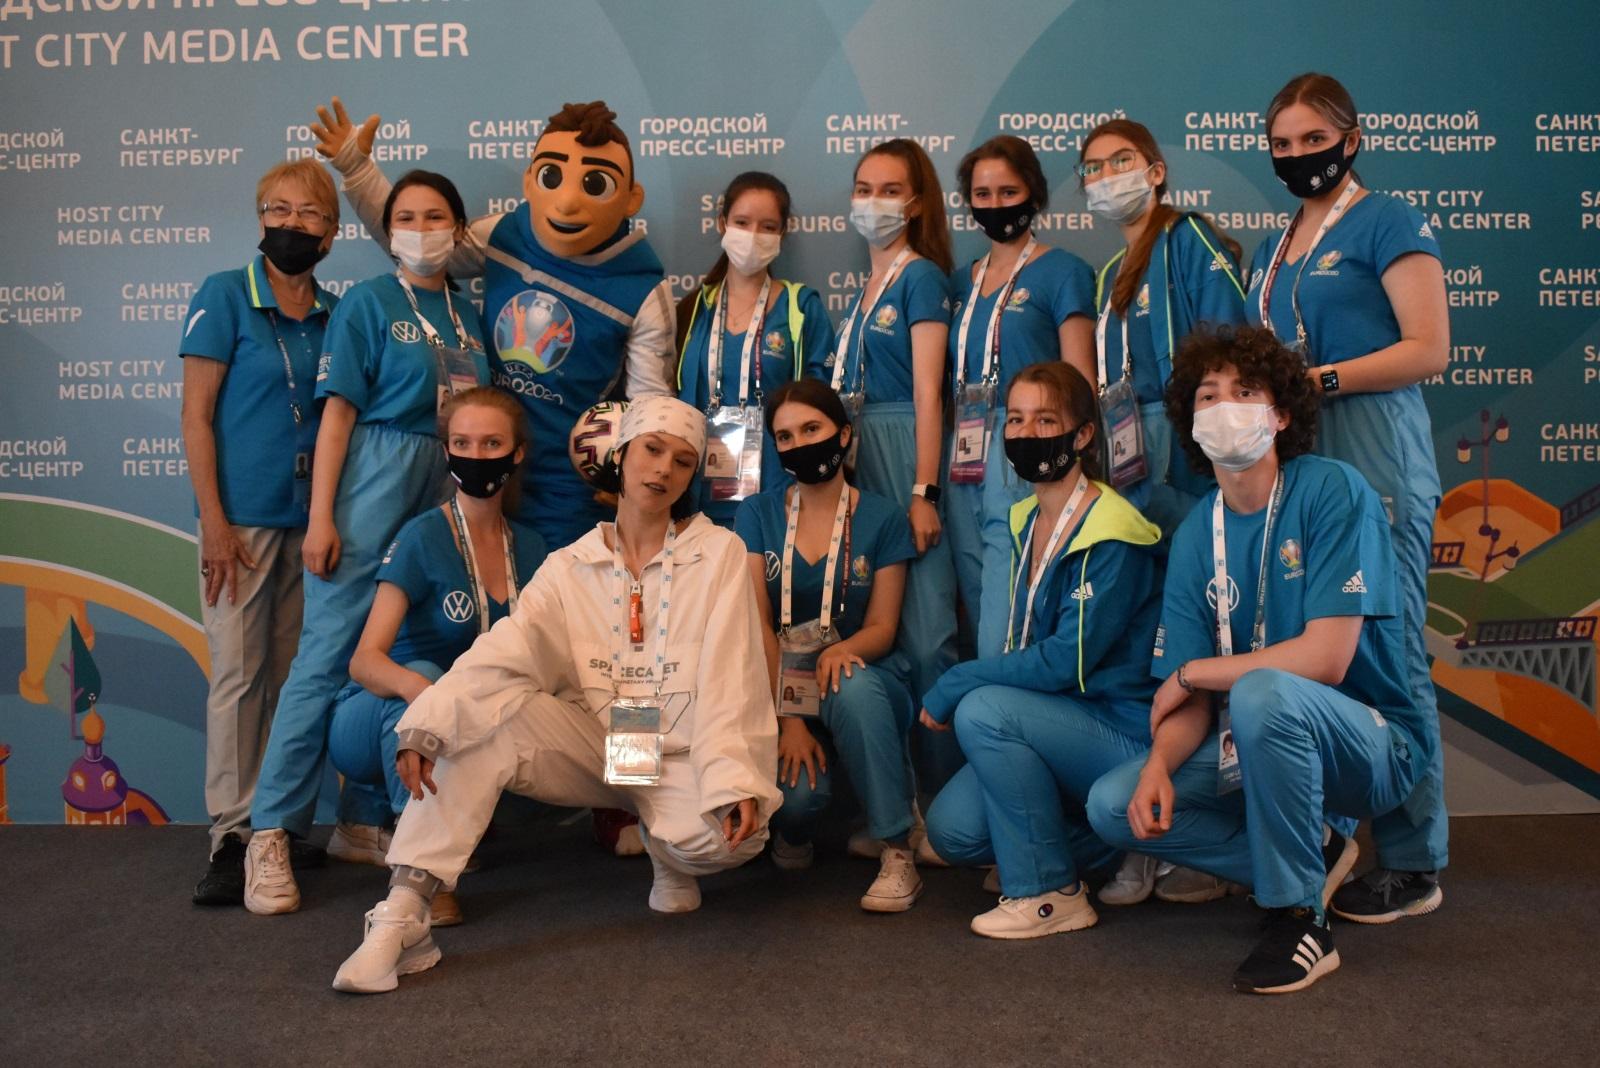 Катя IOWA, Скиллзи и волонтеры Евро-2020 в городском пресс-центре Санкт-Петербурга. Фото: Спорт 25.